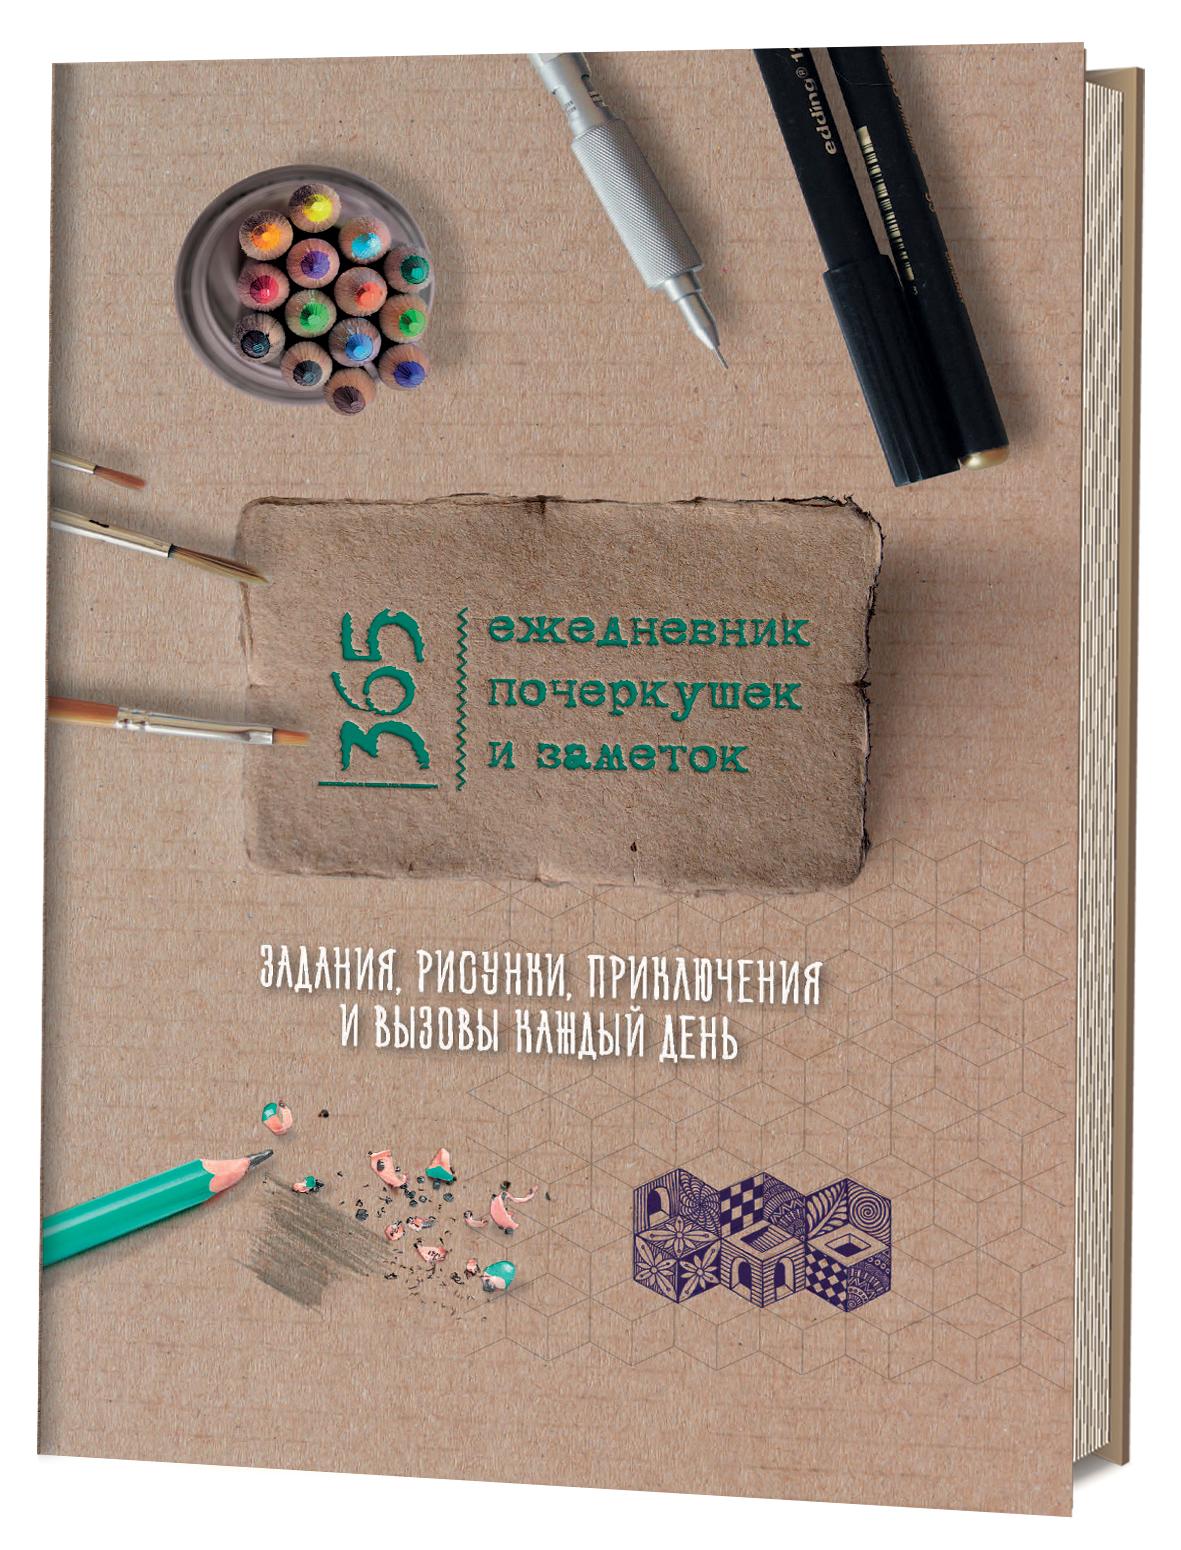 Анастасия Потапова 365. Ежедневник почеркушек и заметок. Задания, рисунки, приключения и вызовы каждый день коты каждый день без суеты ежедневник